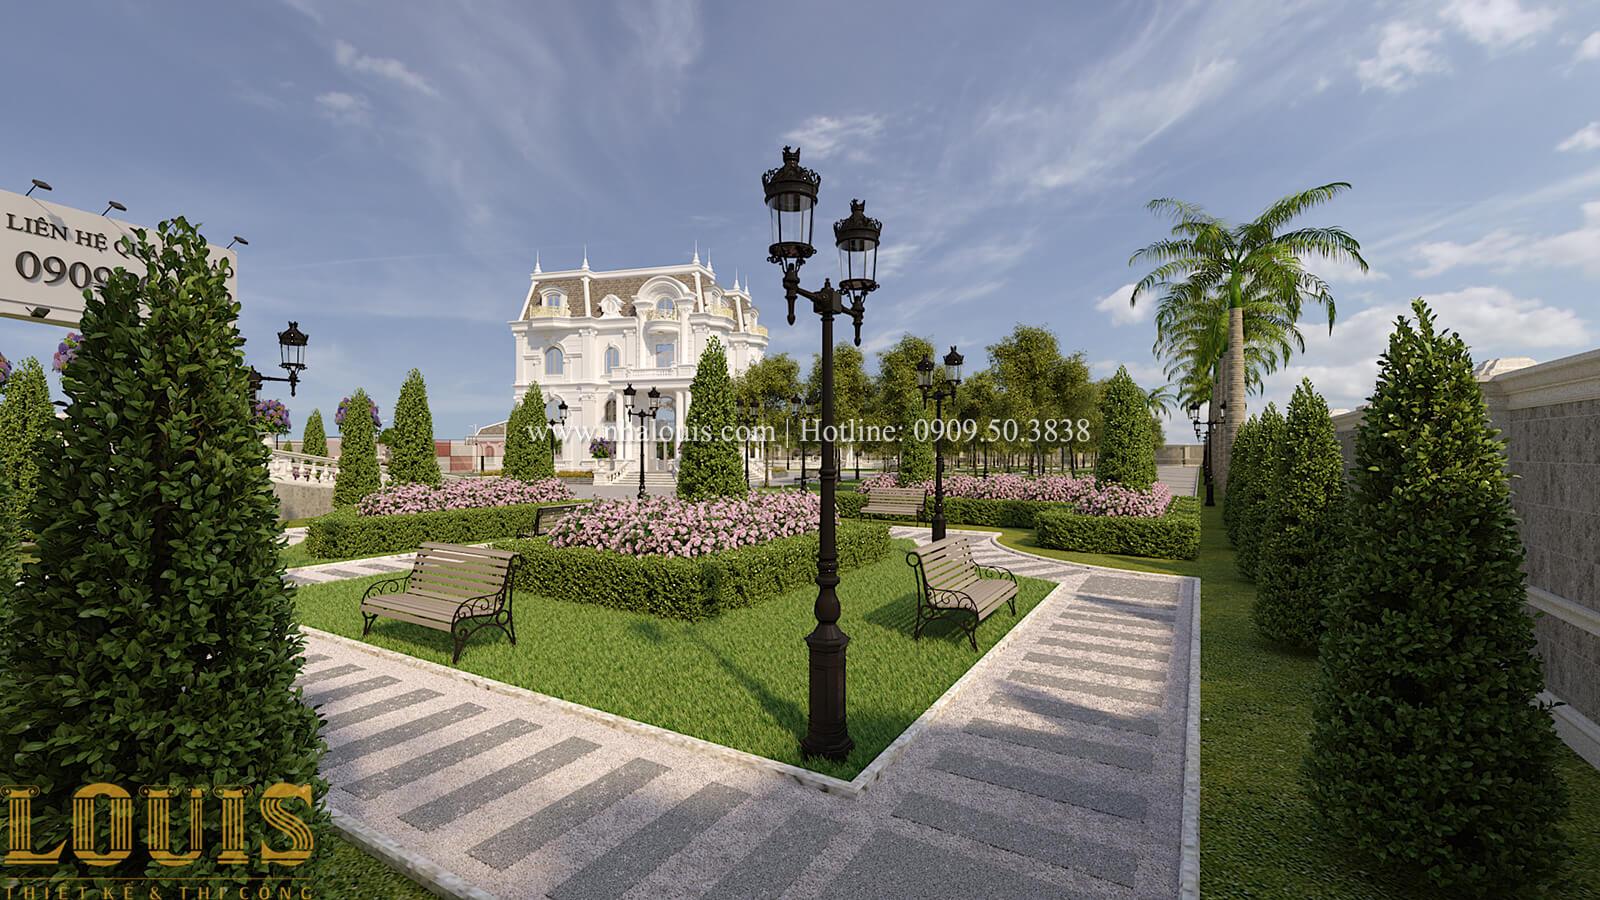 Sân vườn biệt thự cổ điển kiểu Pháp đẳng cấp tại Đồng Nai - 69